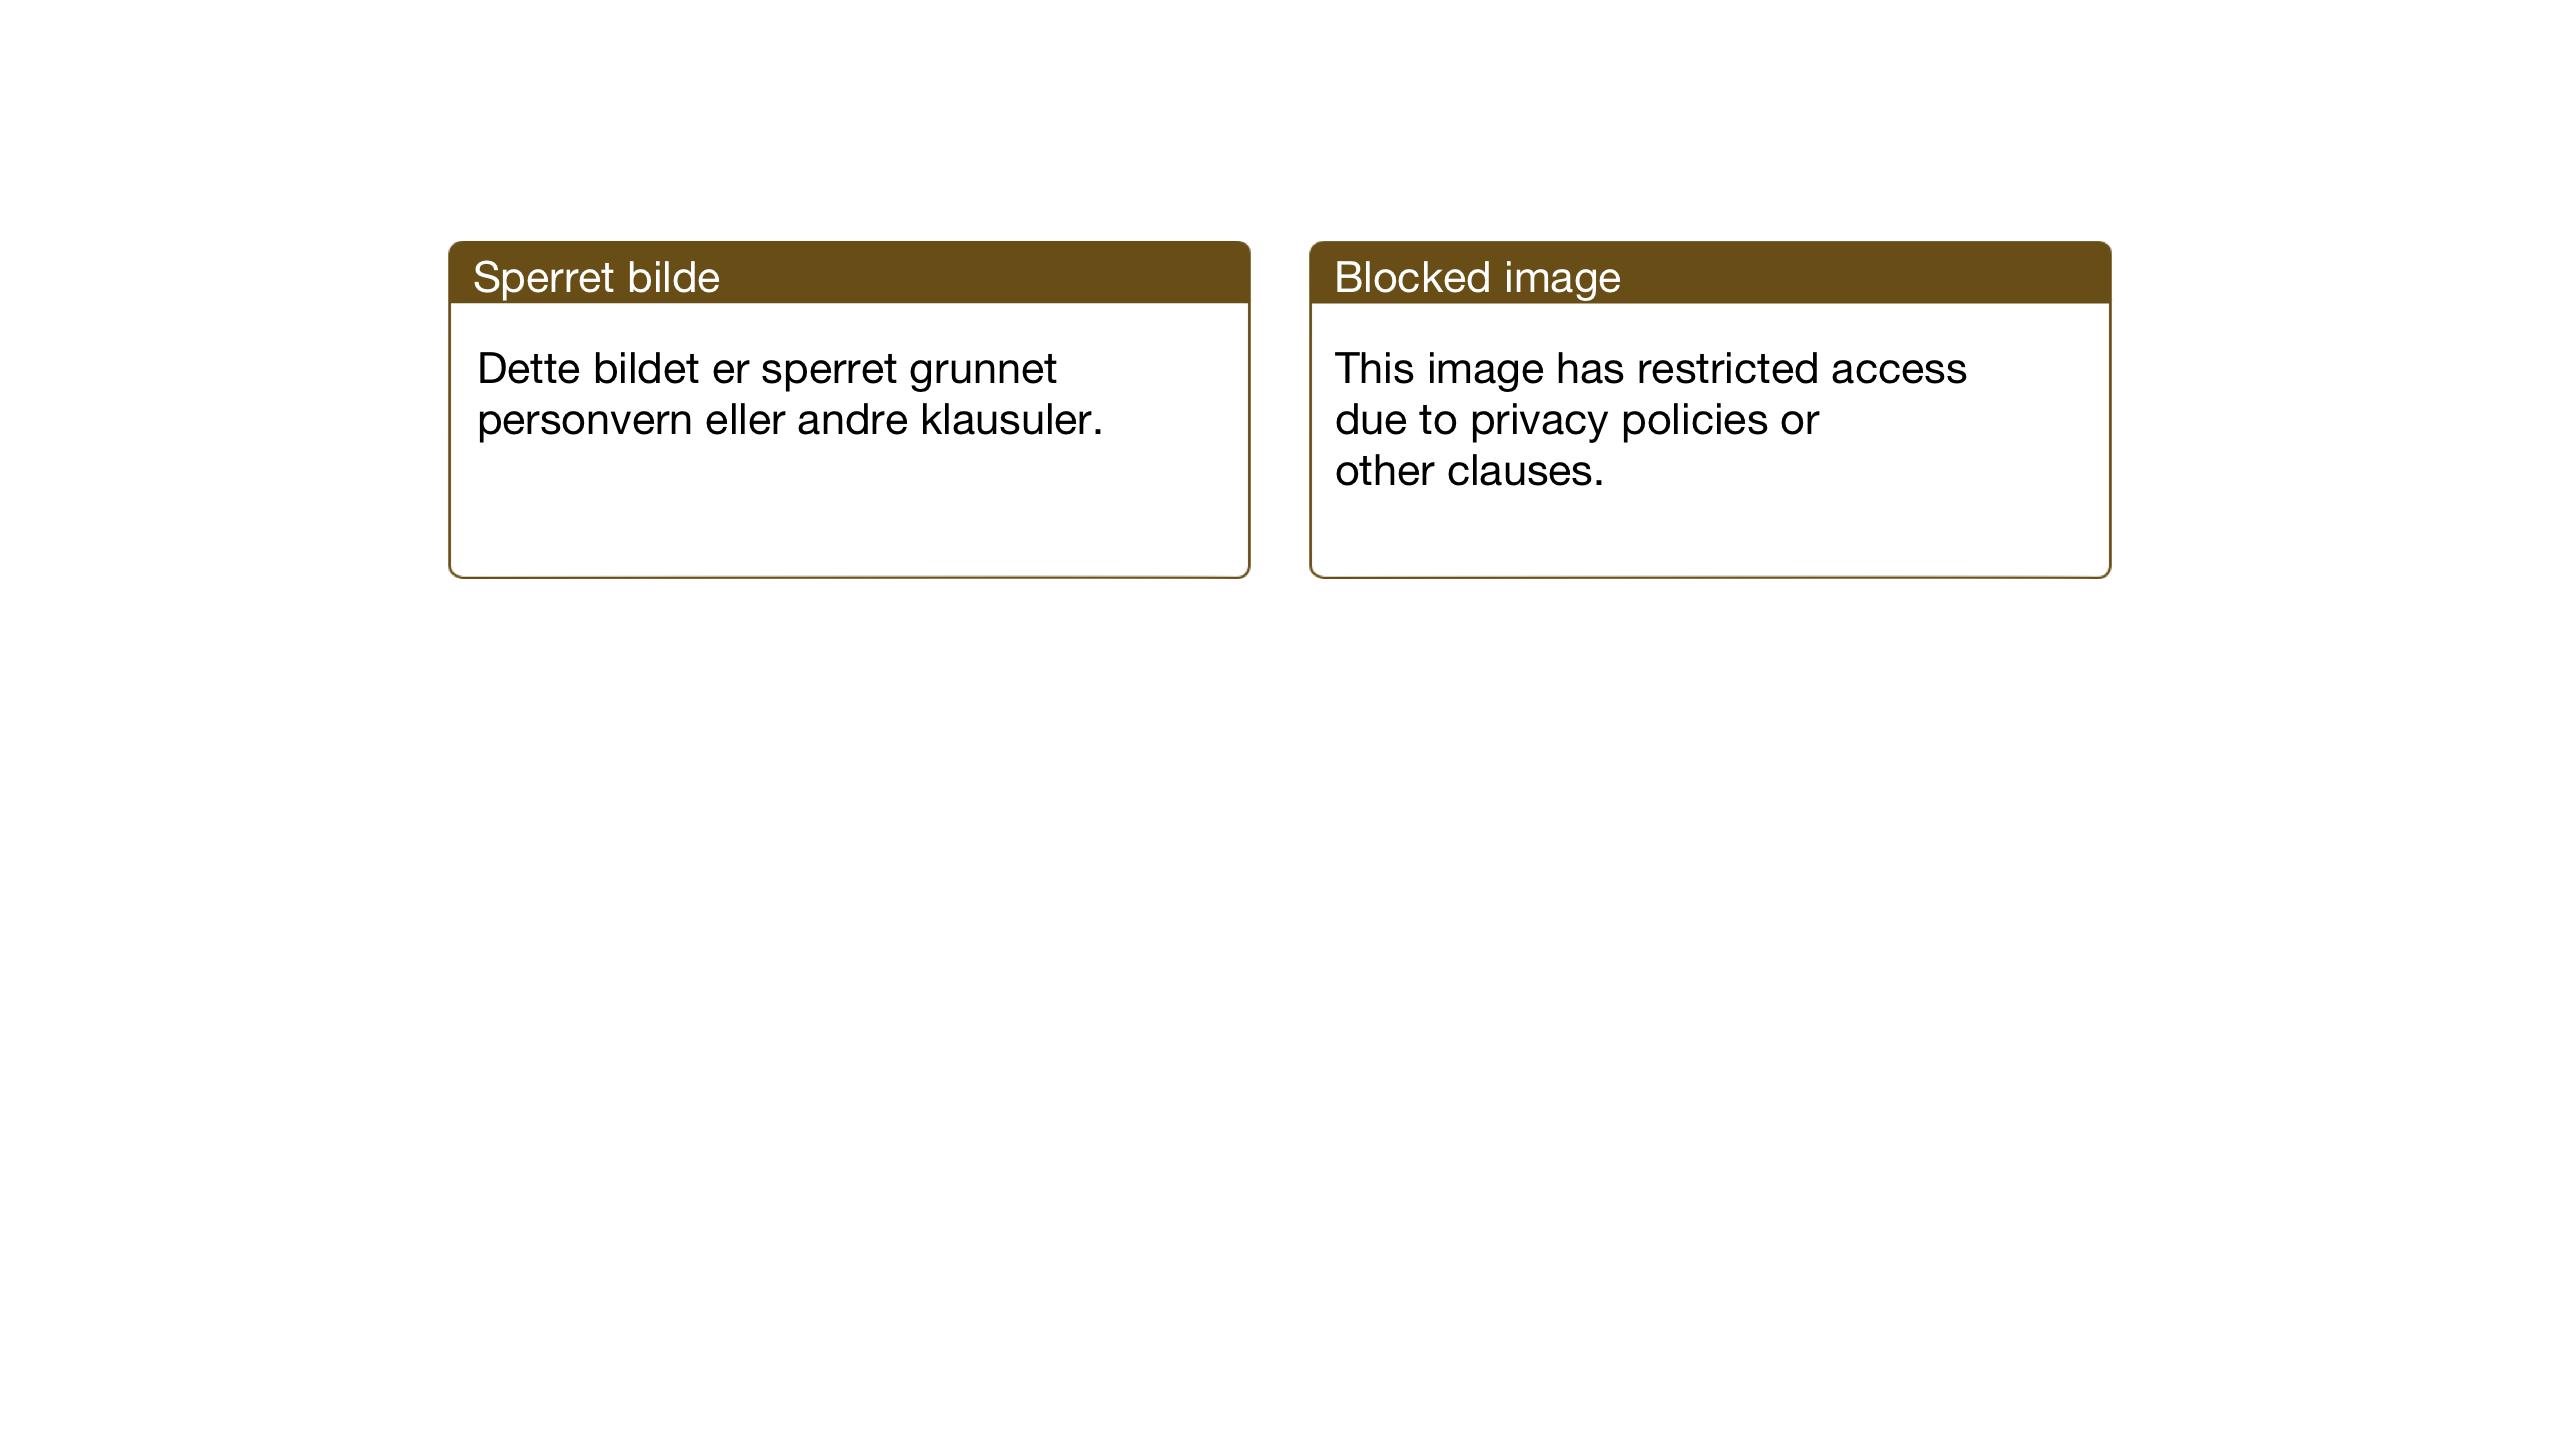 SAT, Ministerialprotokoller, klokkerbøker og fødselsregistre - Nord-Trøndelag, 741/L0403: Ministerialbok nr. 741C04, 1925-1944, s. 36